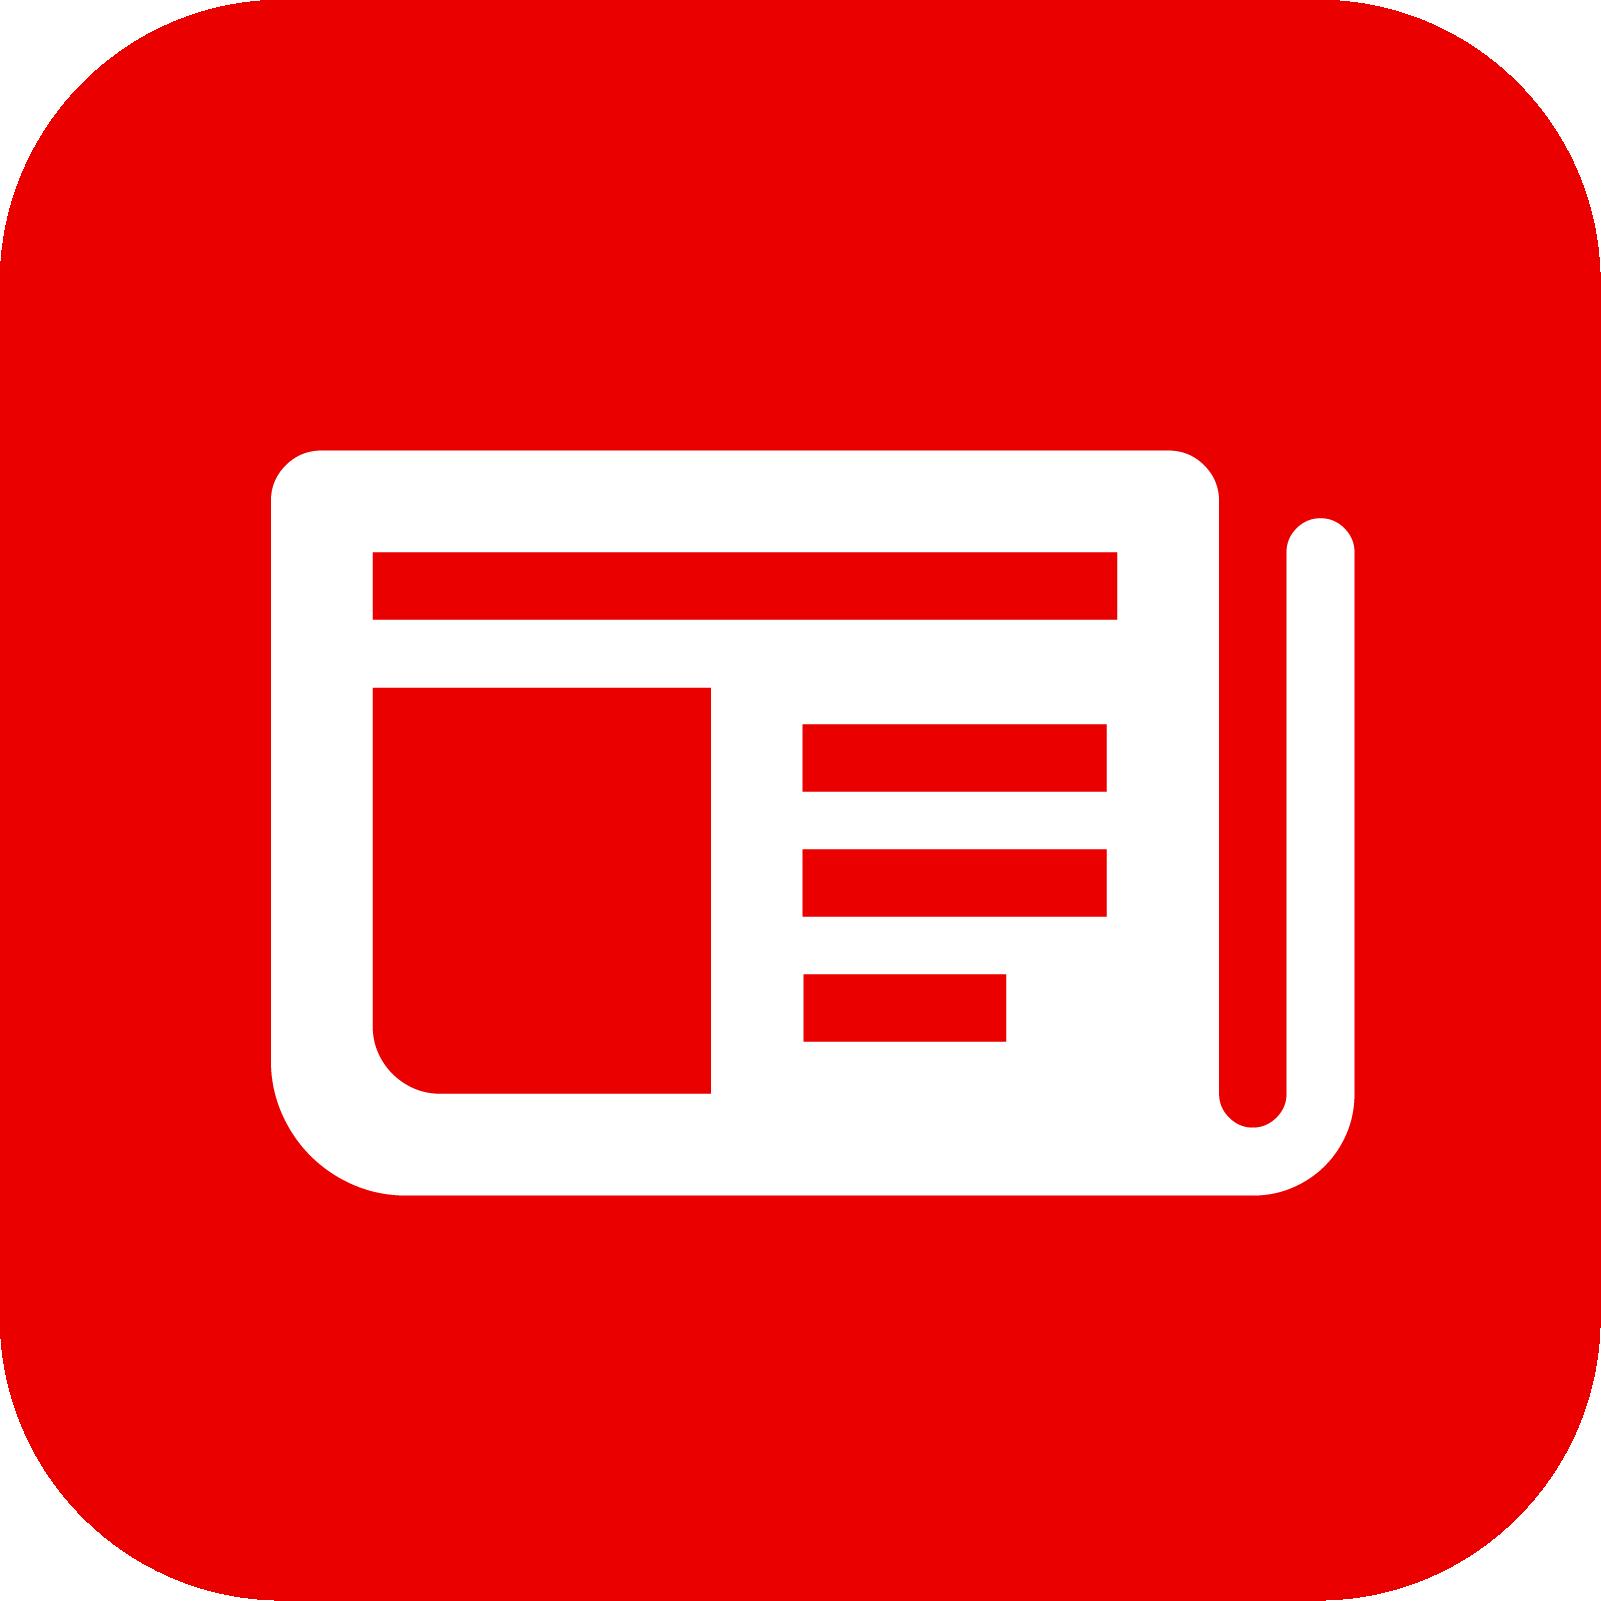 Msn Malaysia Latest News Hotmail Outlook Skype Photos Videos